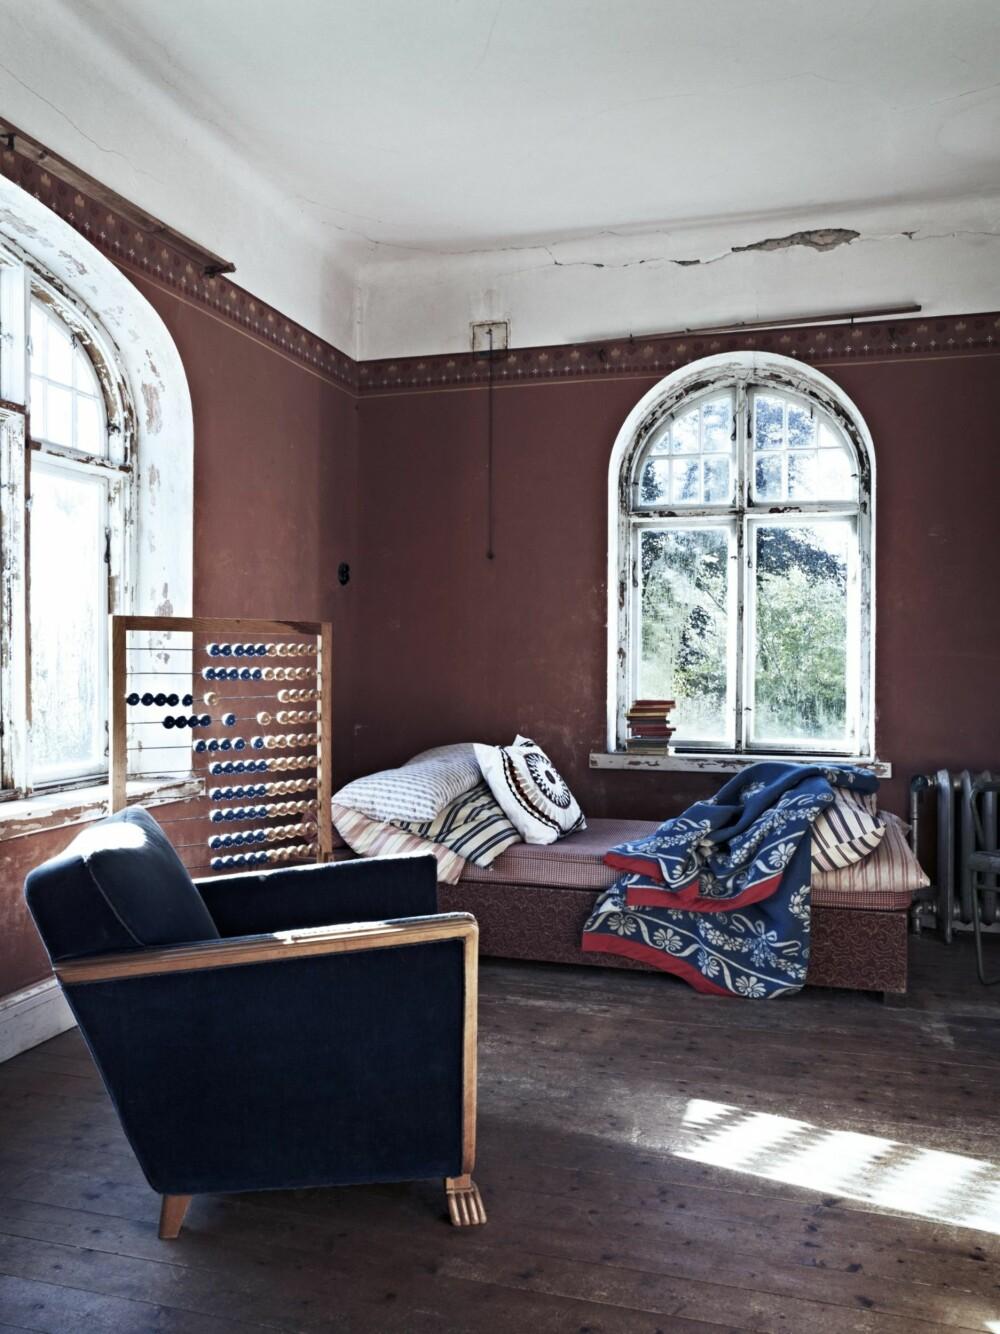 KONTRASTER: De friske tekstilene i dagsengen i den ene stuen er en fin motvekt til de patinerte veggene. Den store kulerammen i tre er nok et bruktfunn.